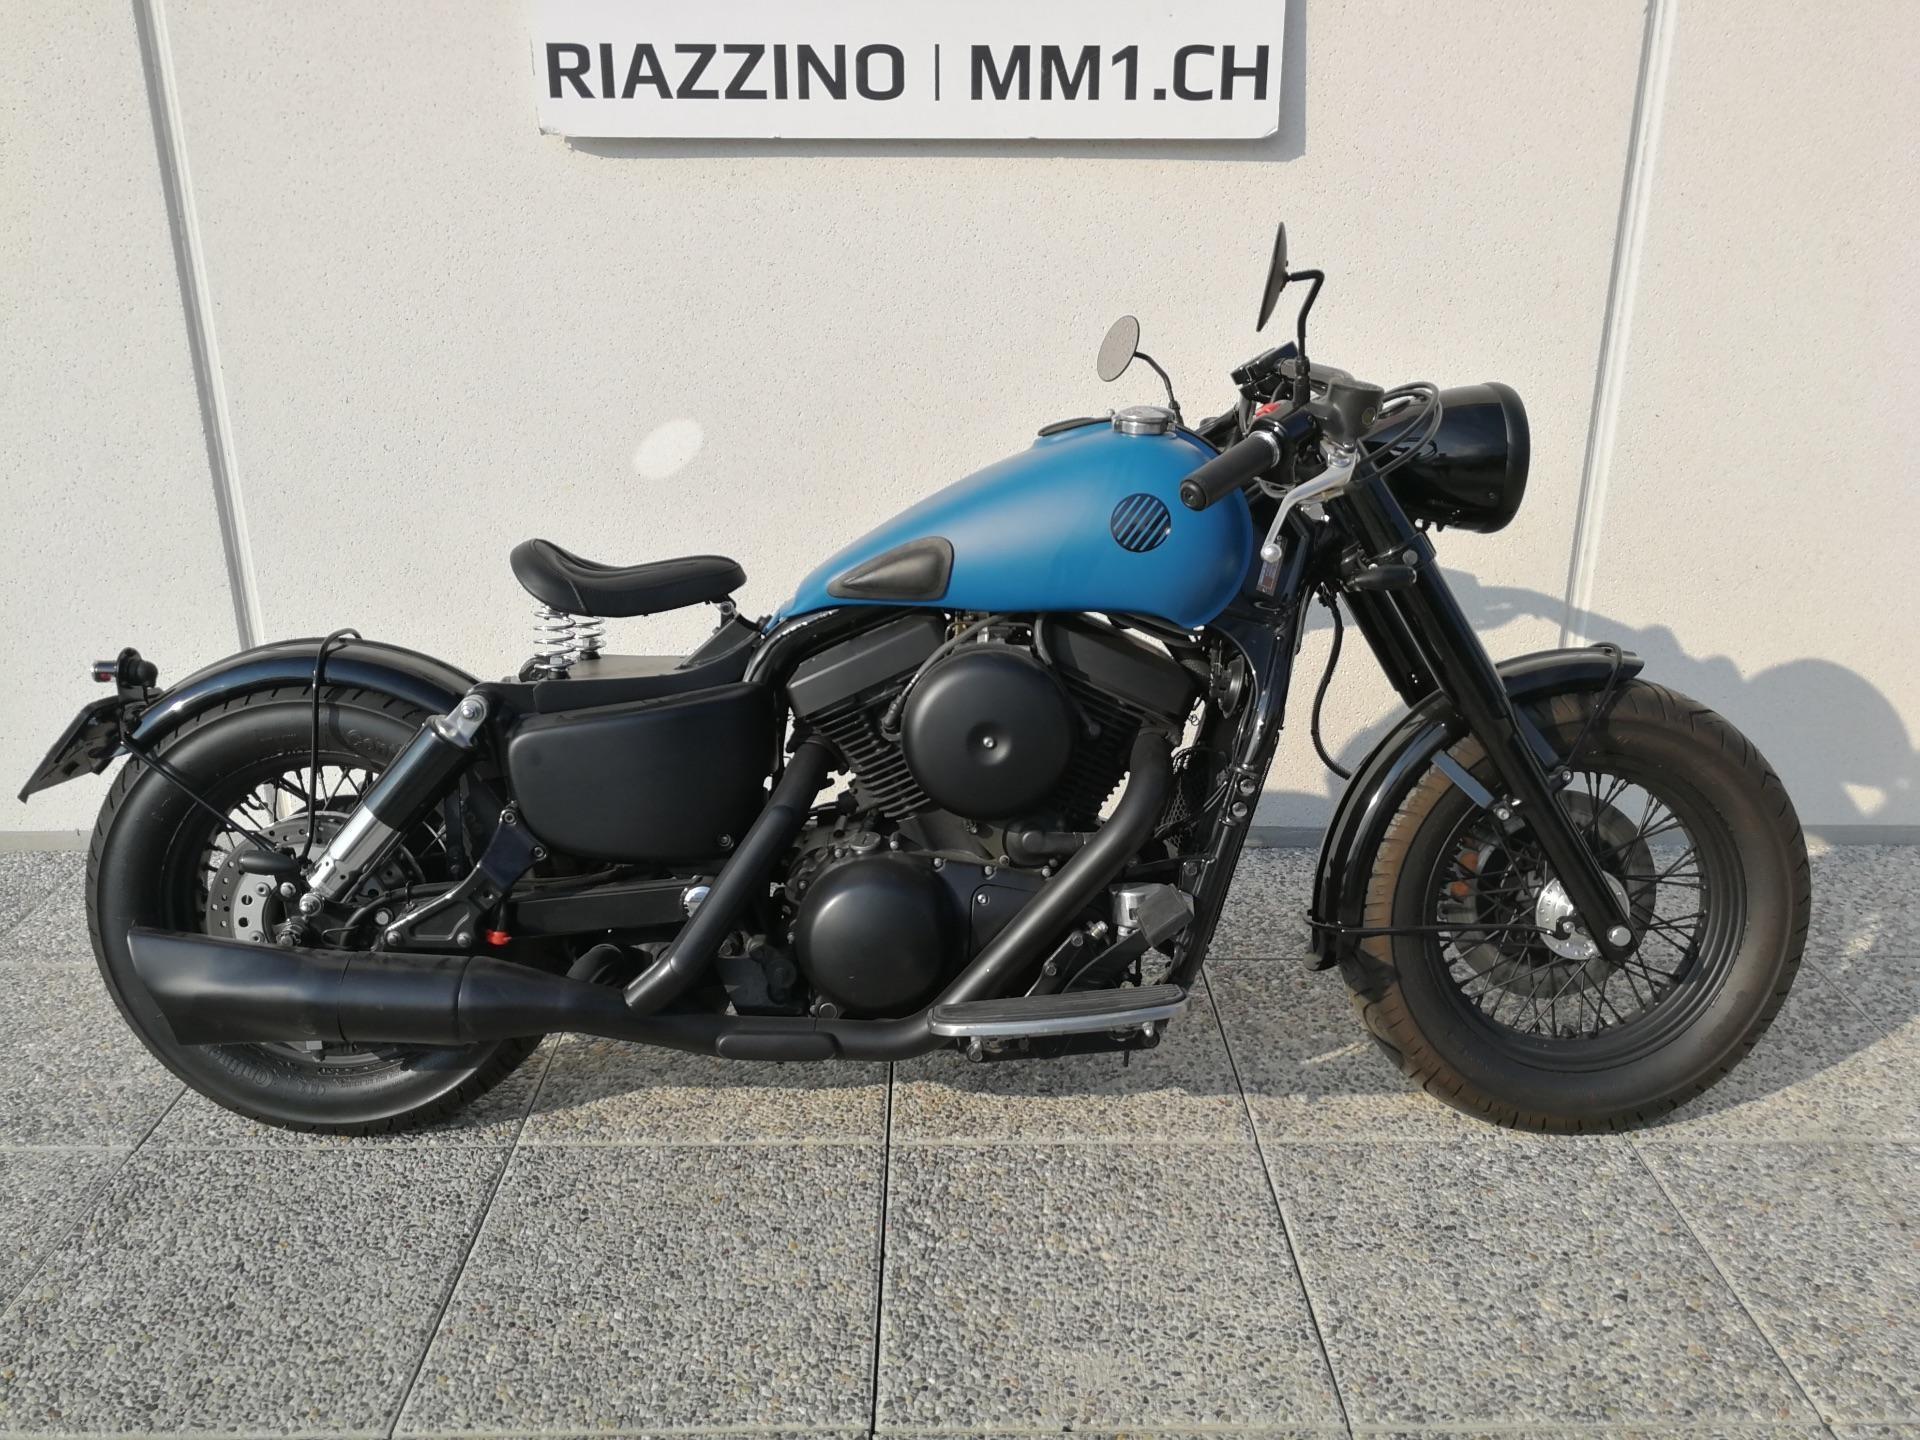 Buy Motorbike Pre Owned Kawasaki Vn 1500 Drifter Pfwd Moto M1 Sa